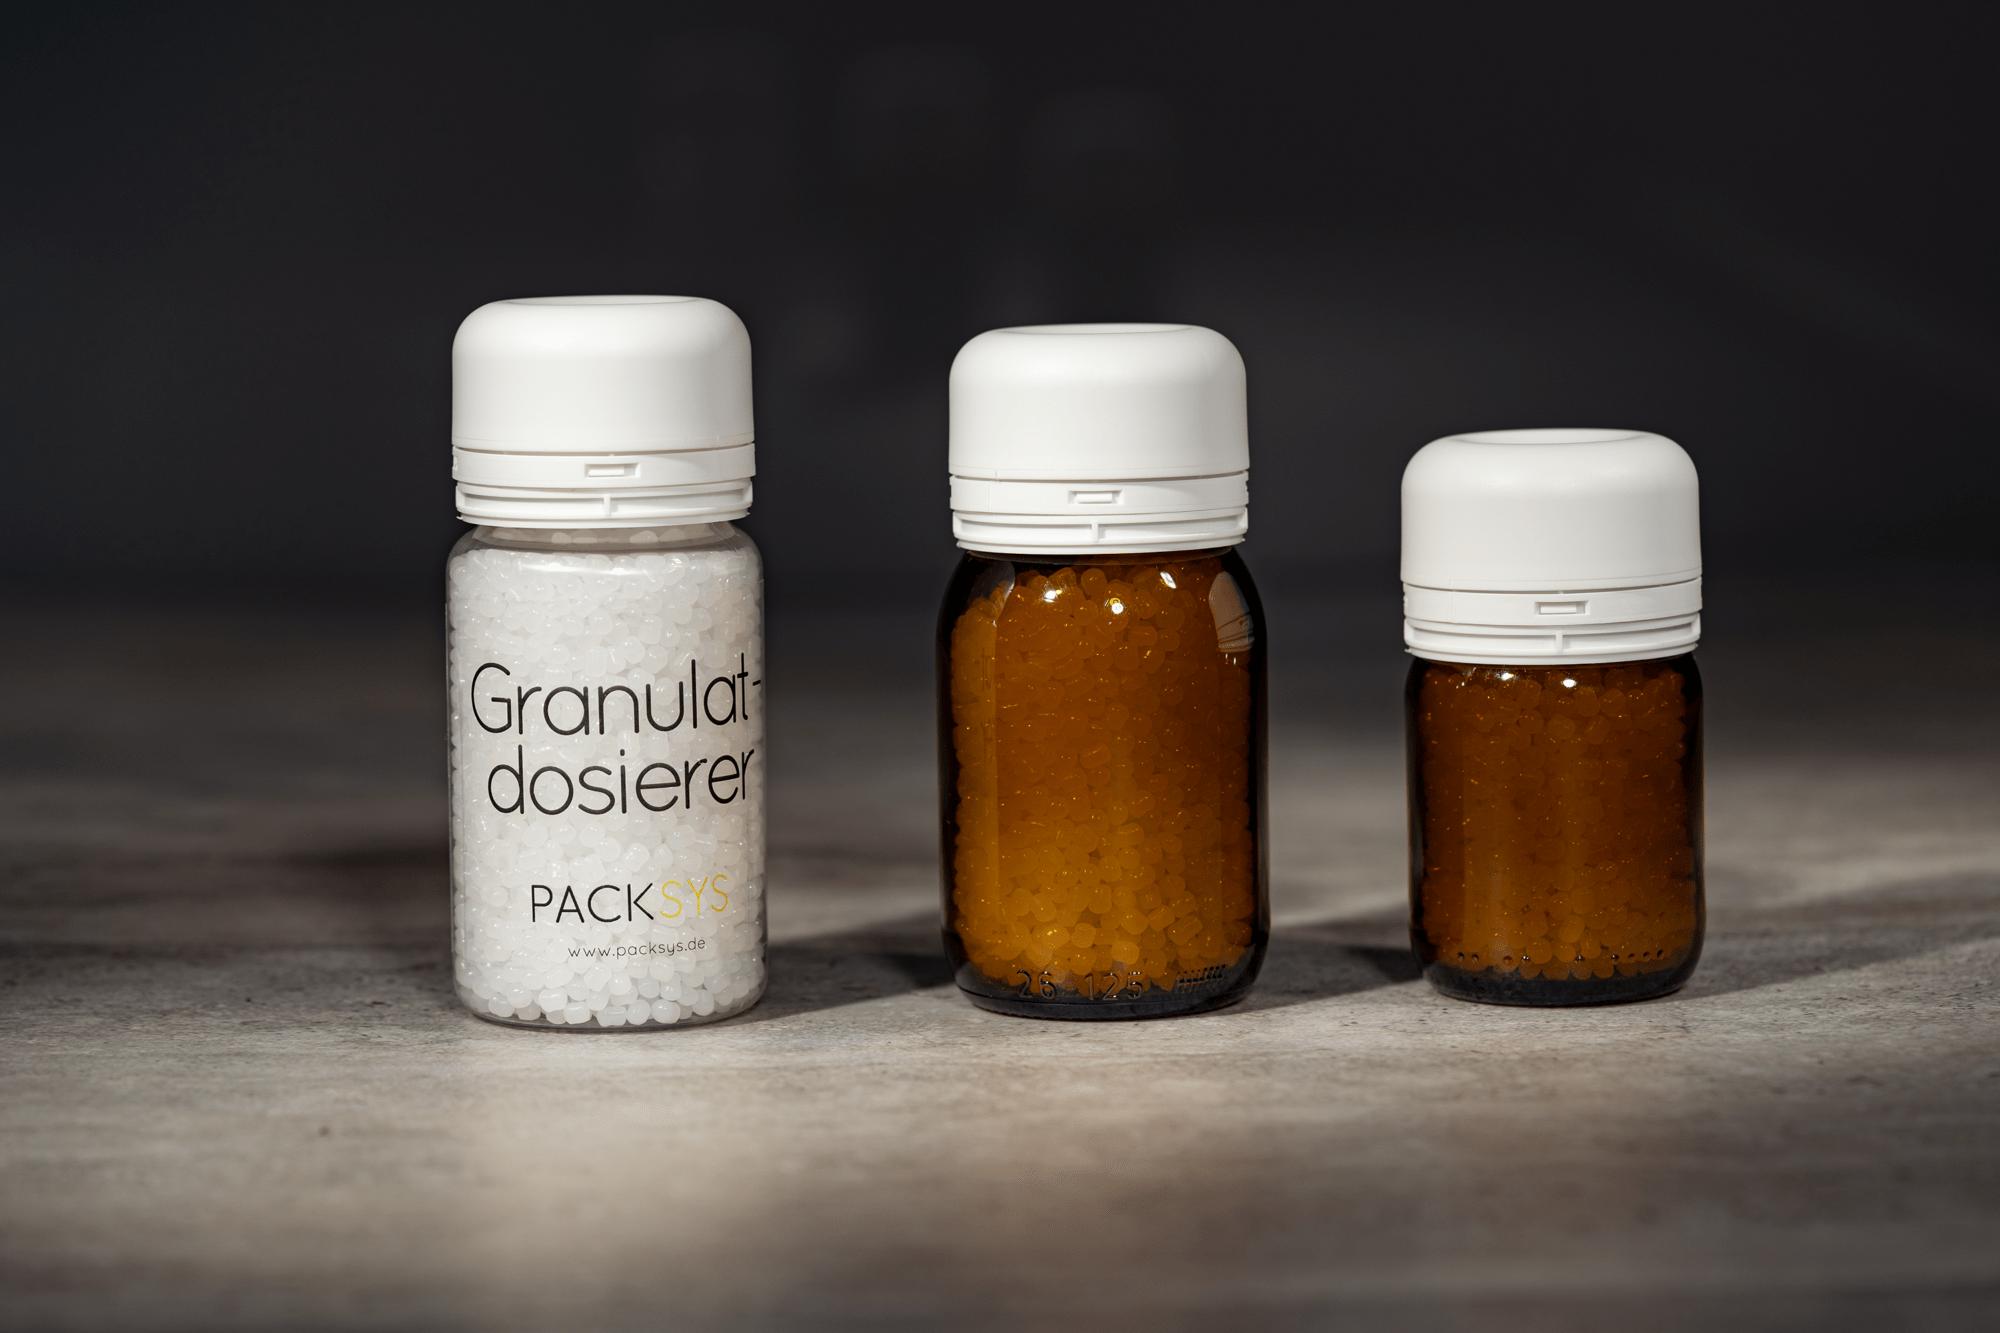 Drei Größen Granulatdosierer in einer Reihe: Kunststoff- und Glasbehälter